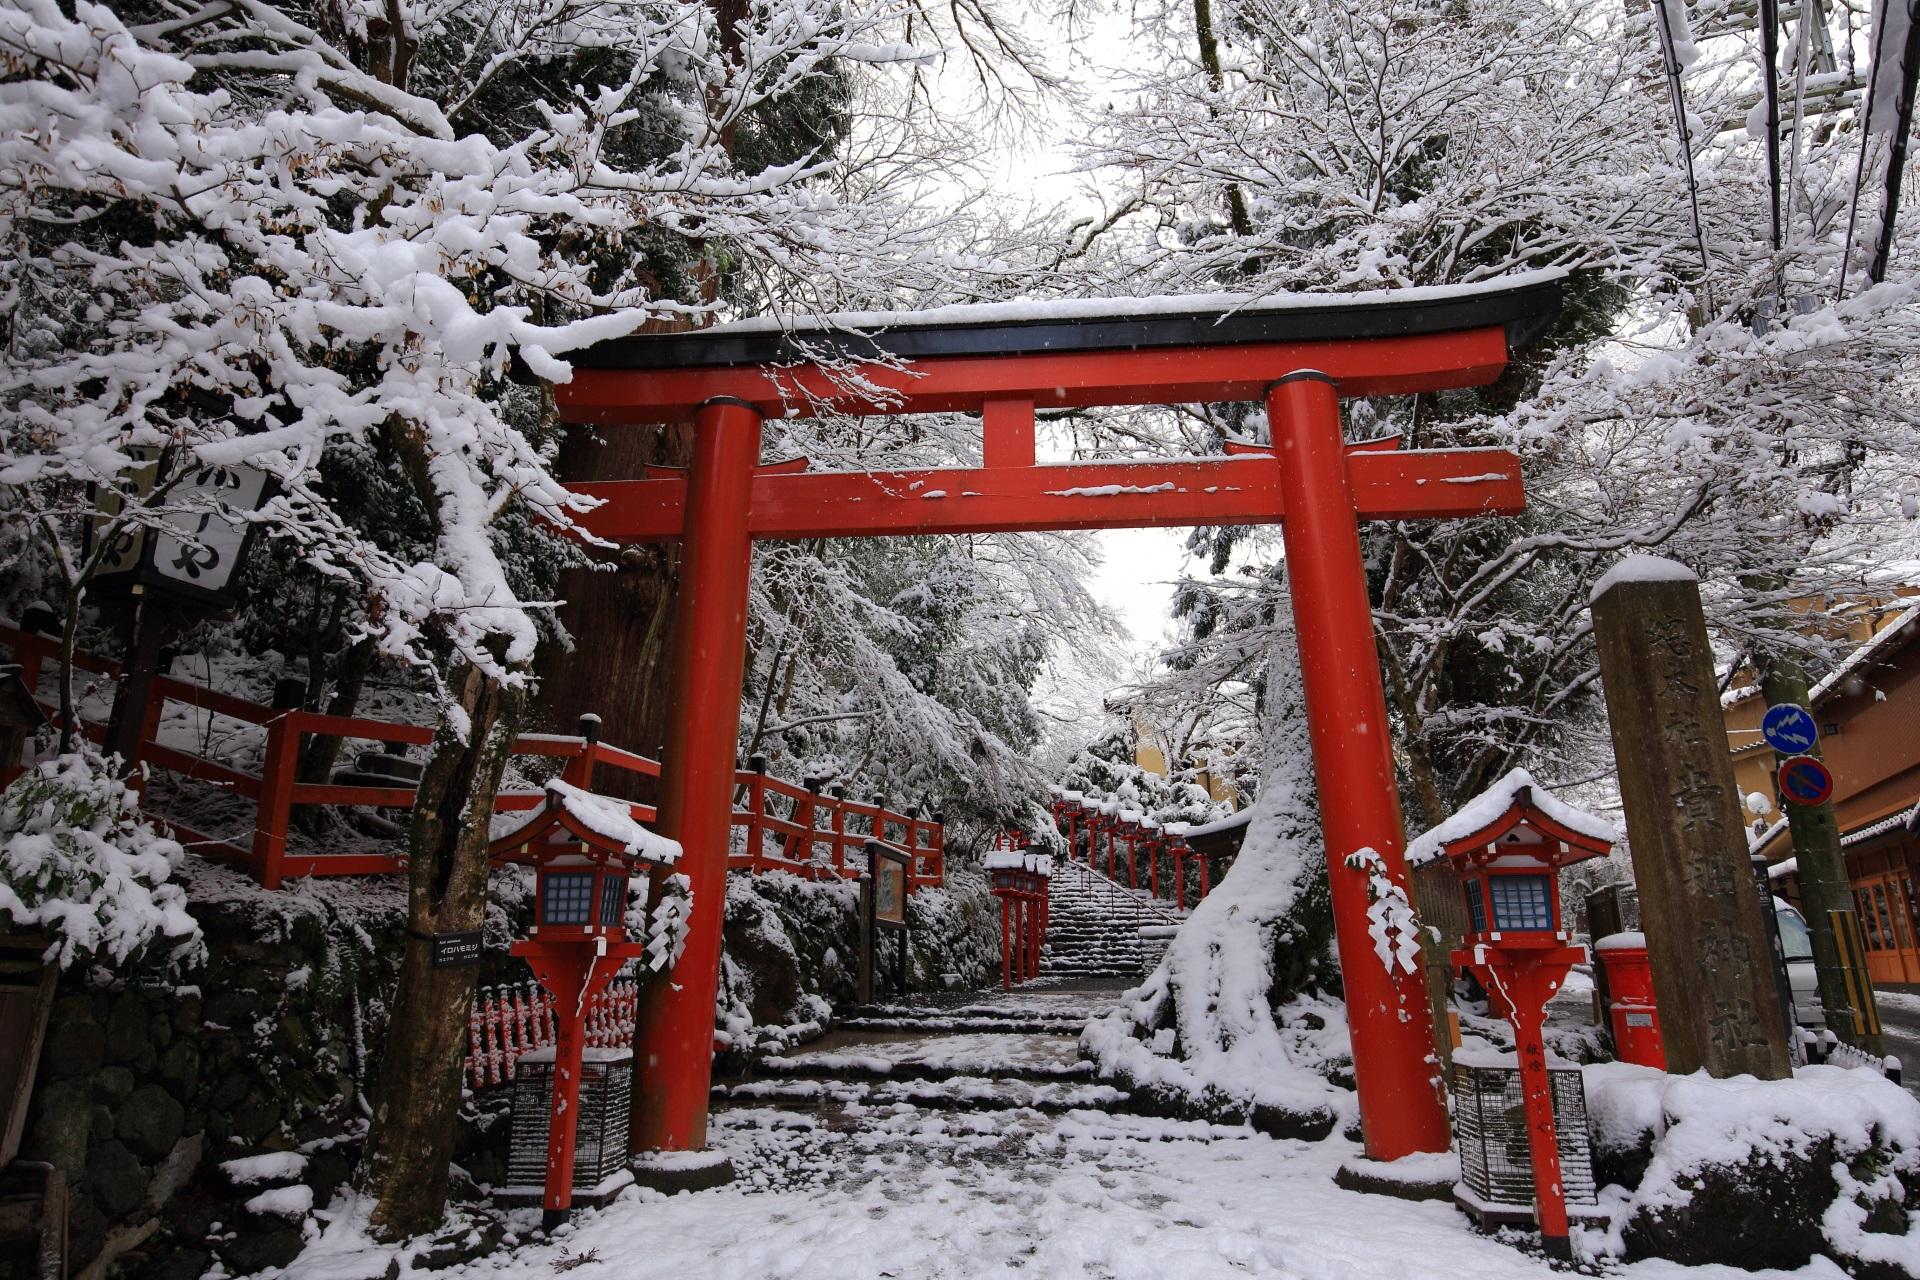 貴船神社の素晴らしい雪景色と冬の情景